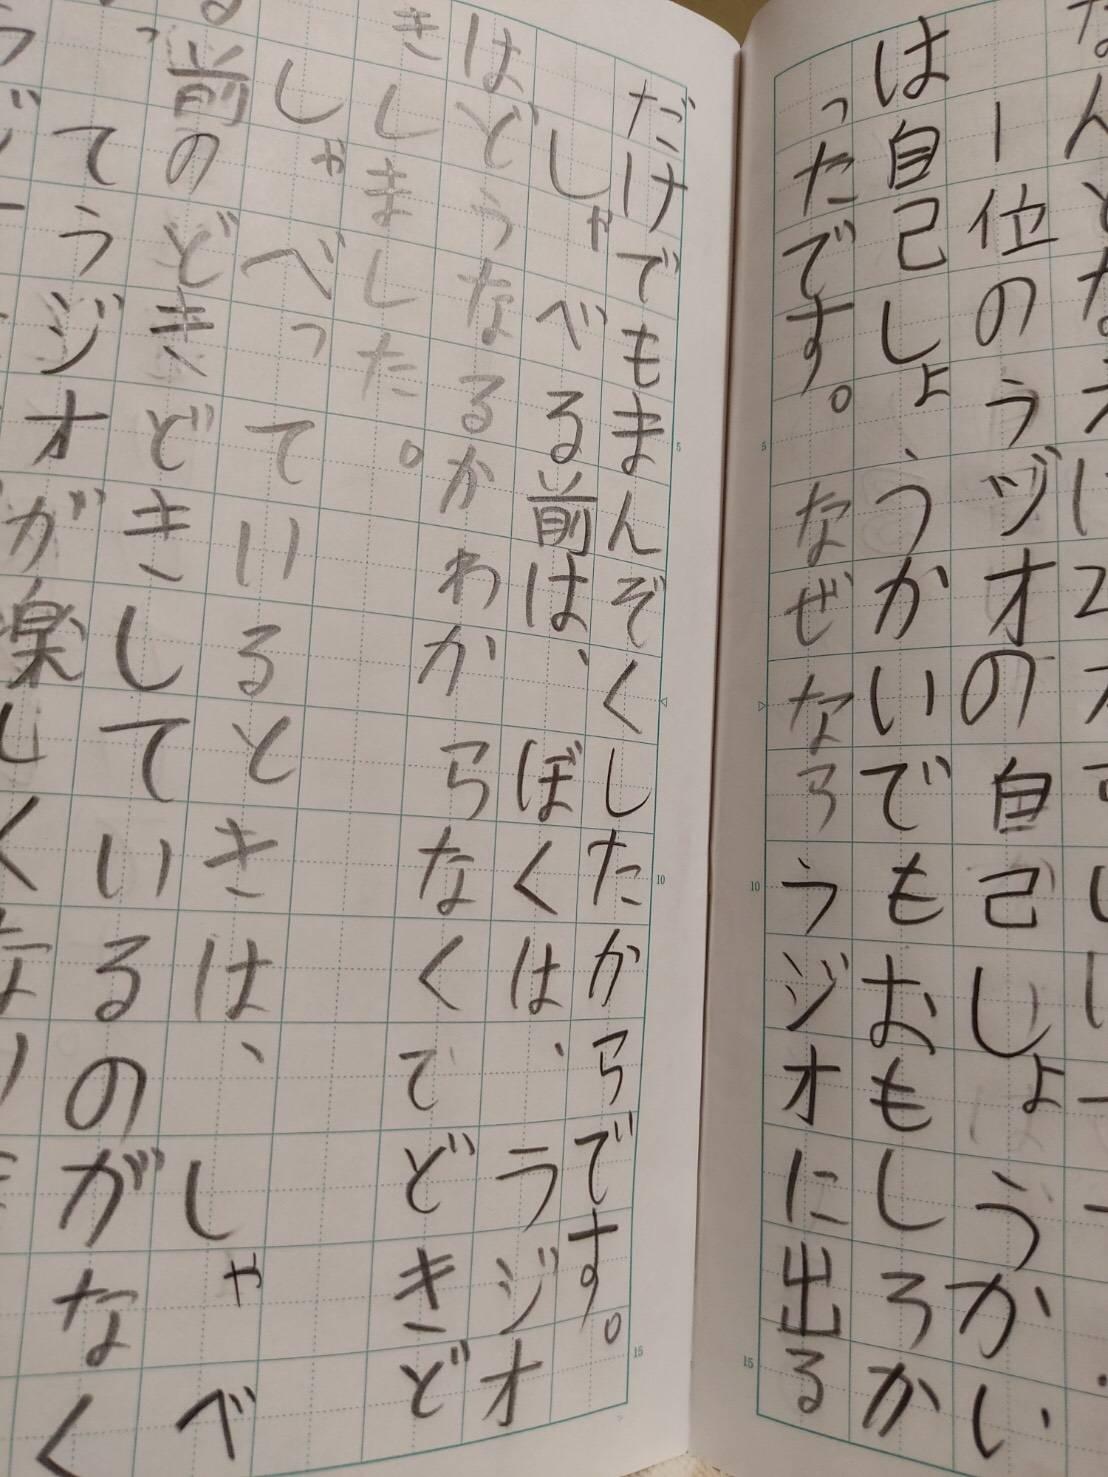 日記 その2